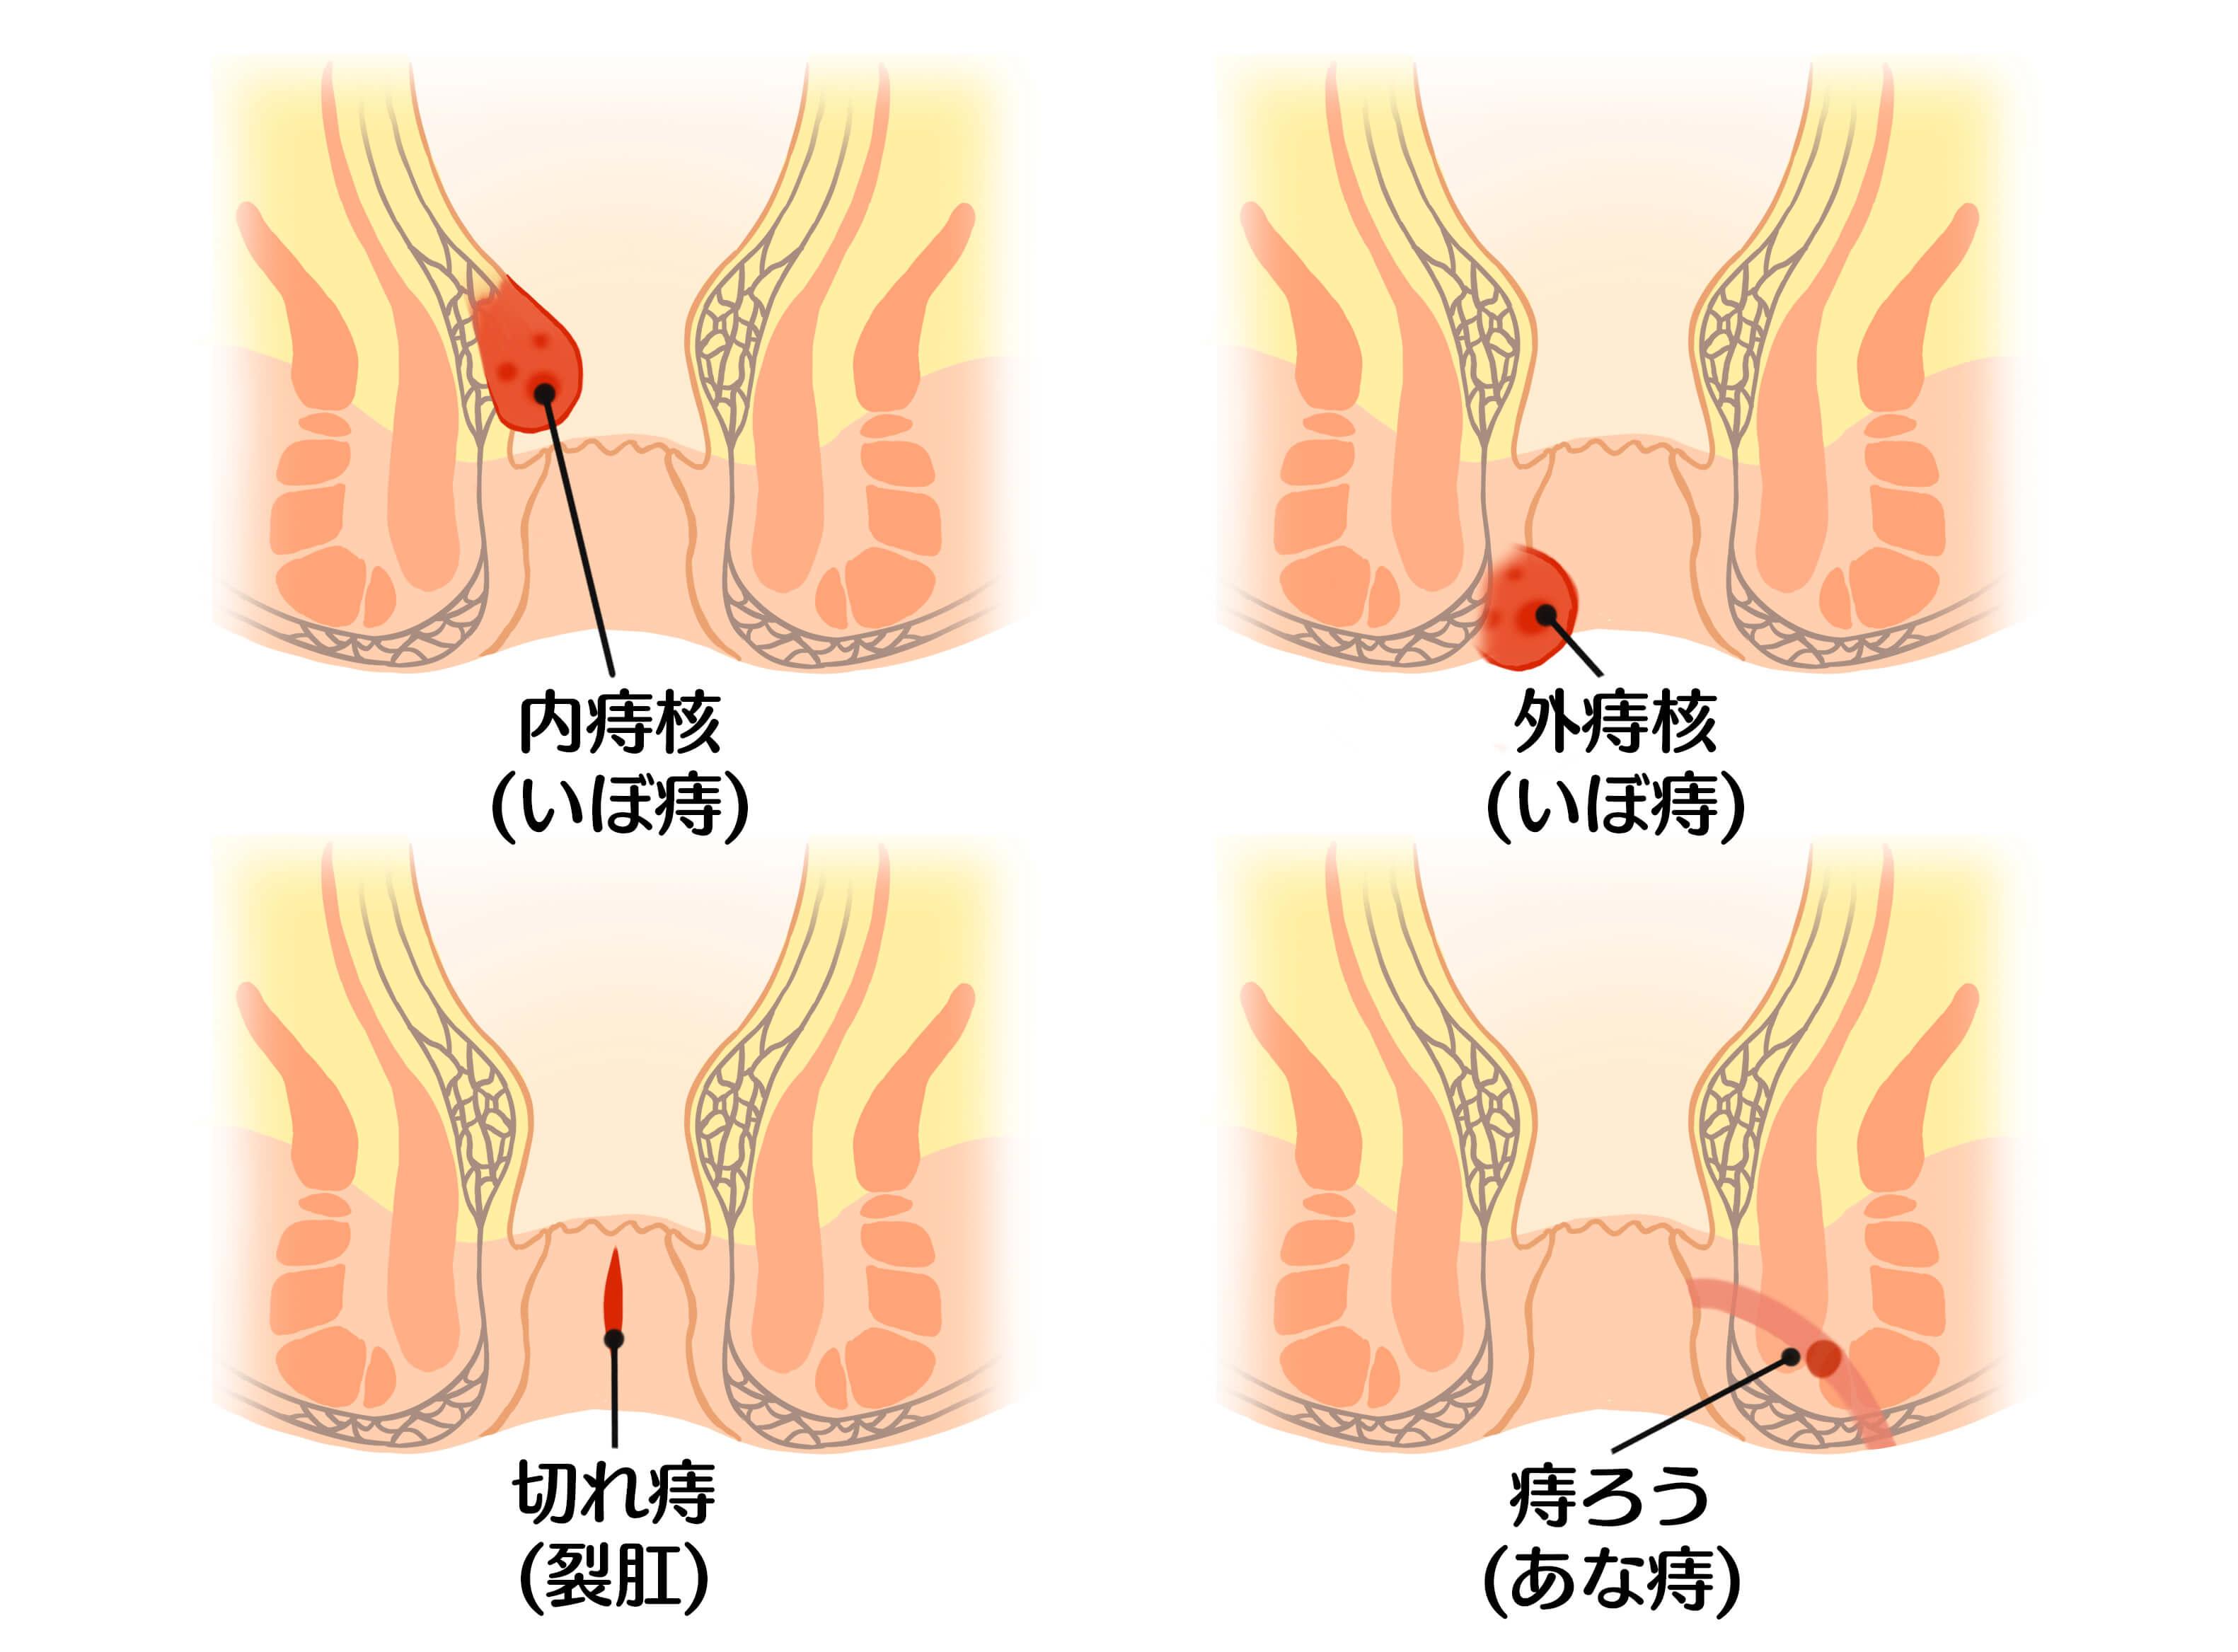 jinosyurui02菫ョ豁」.jpg